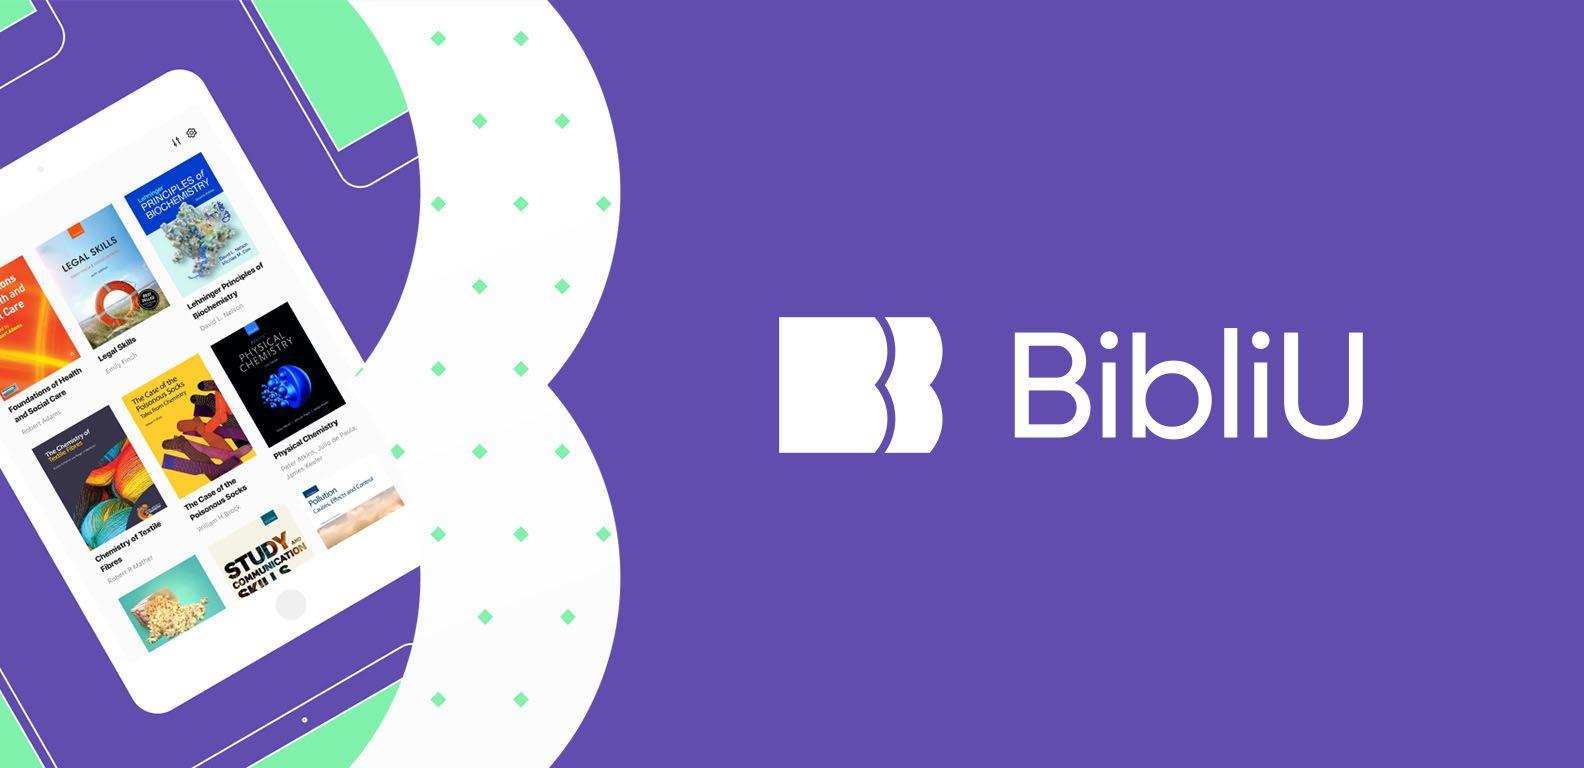 Bibliotech is now BibliU